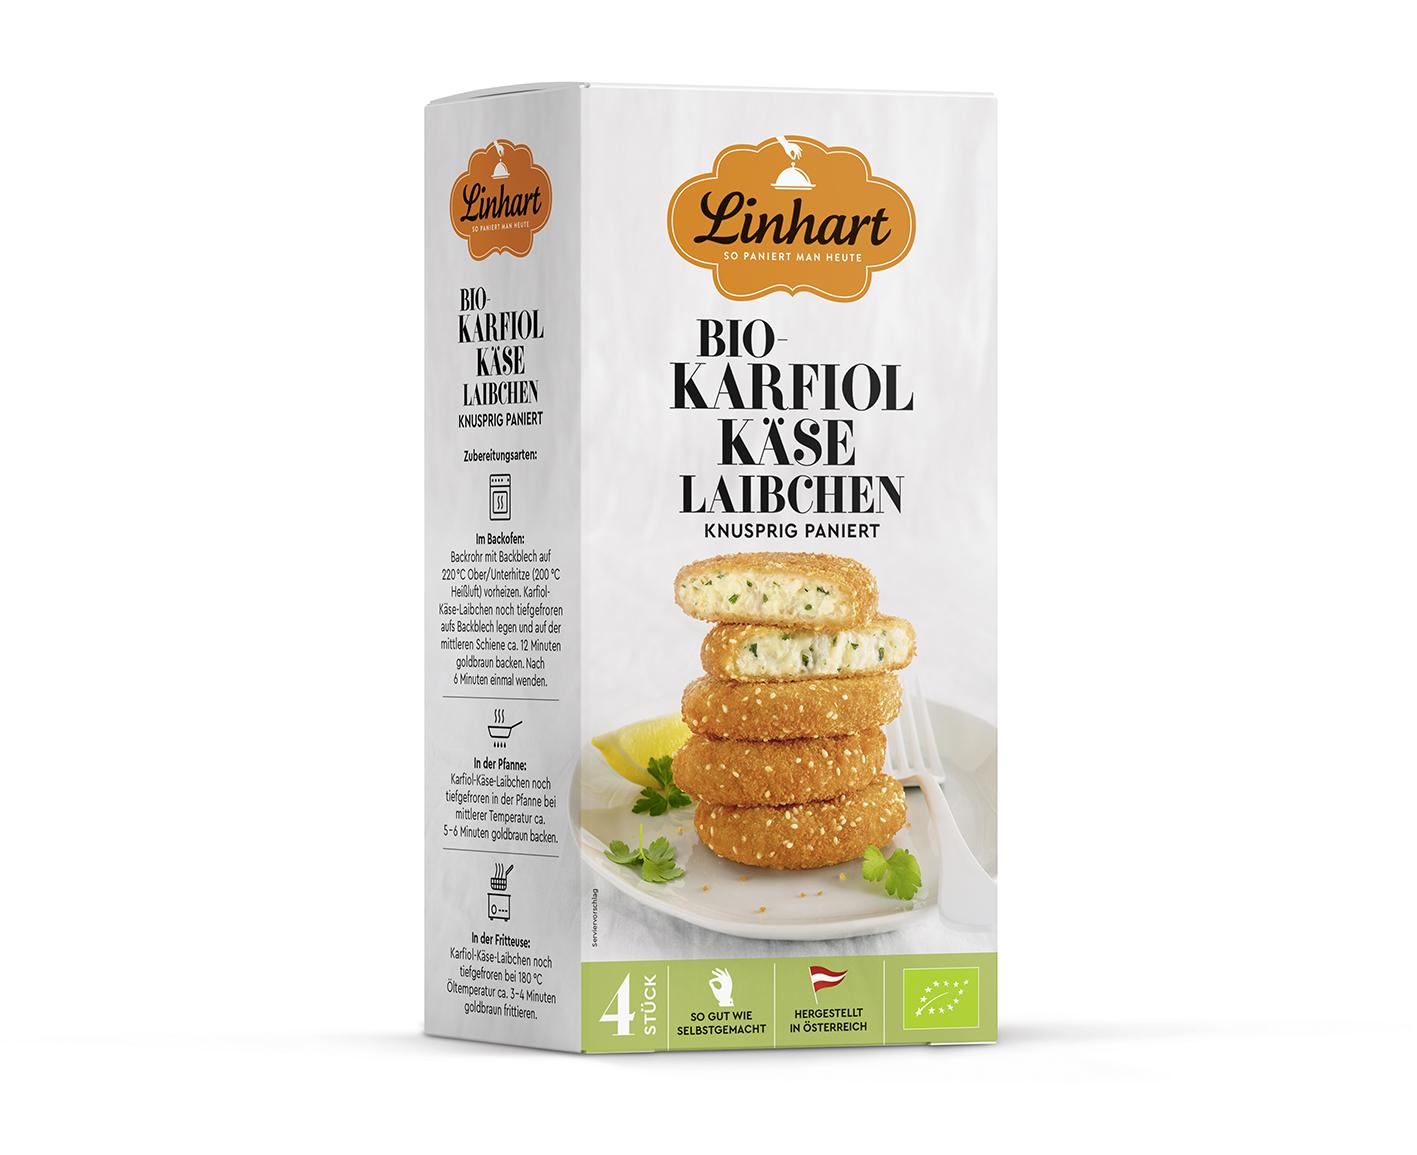 Packaging Linhart Karfiol-Käse-Laibchen